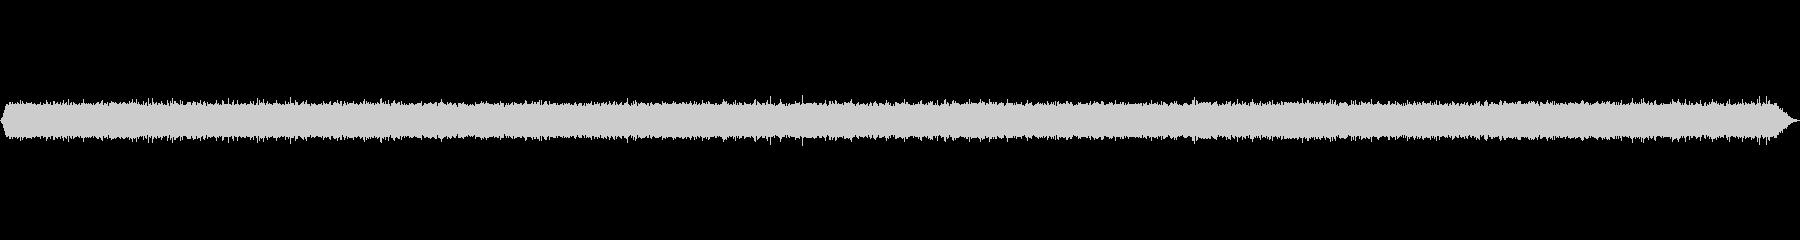 愛媛県松野町滑床渓谷 - 万年橋の川音の未再生の波形